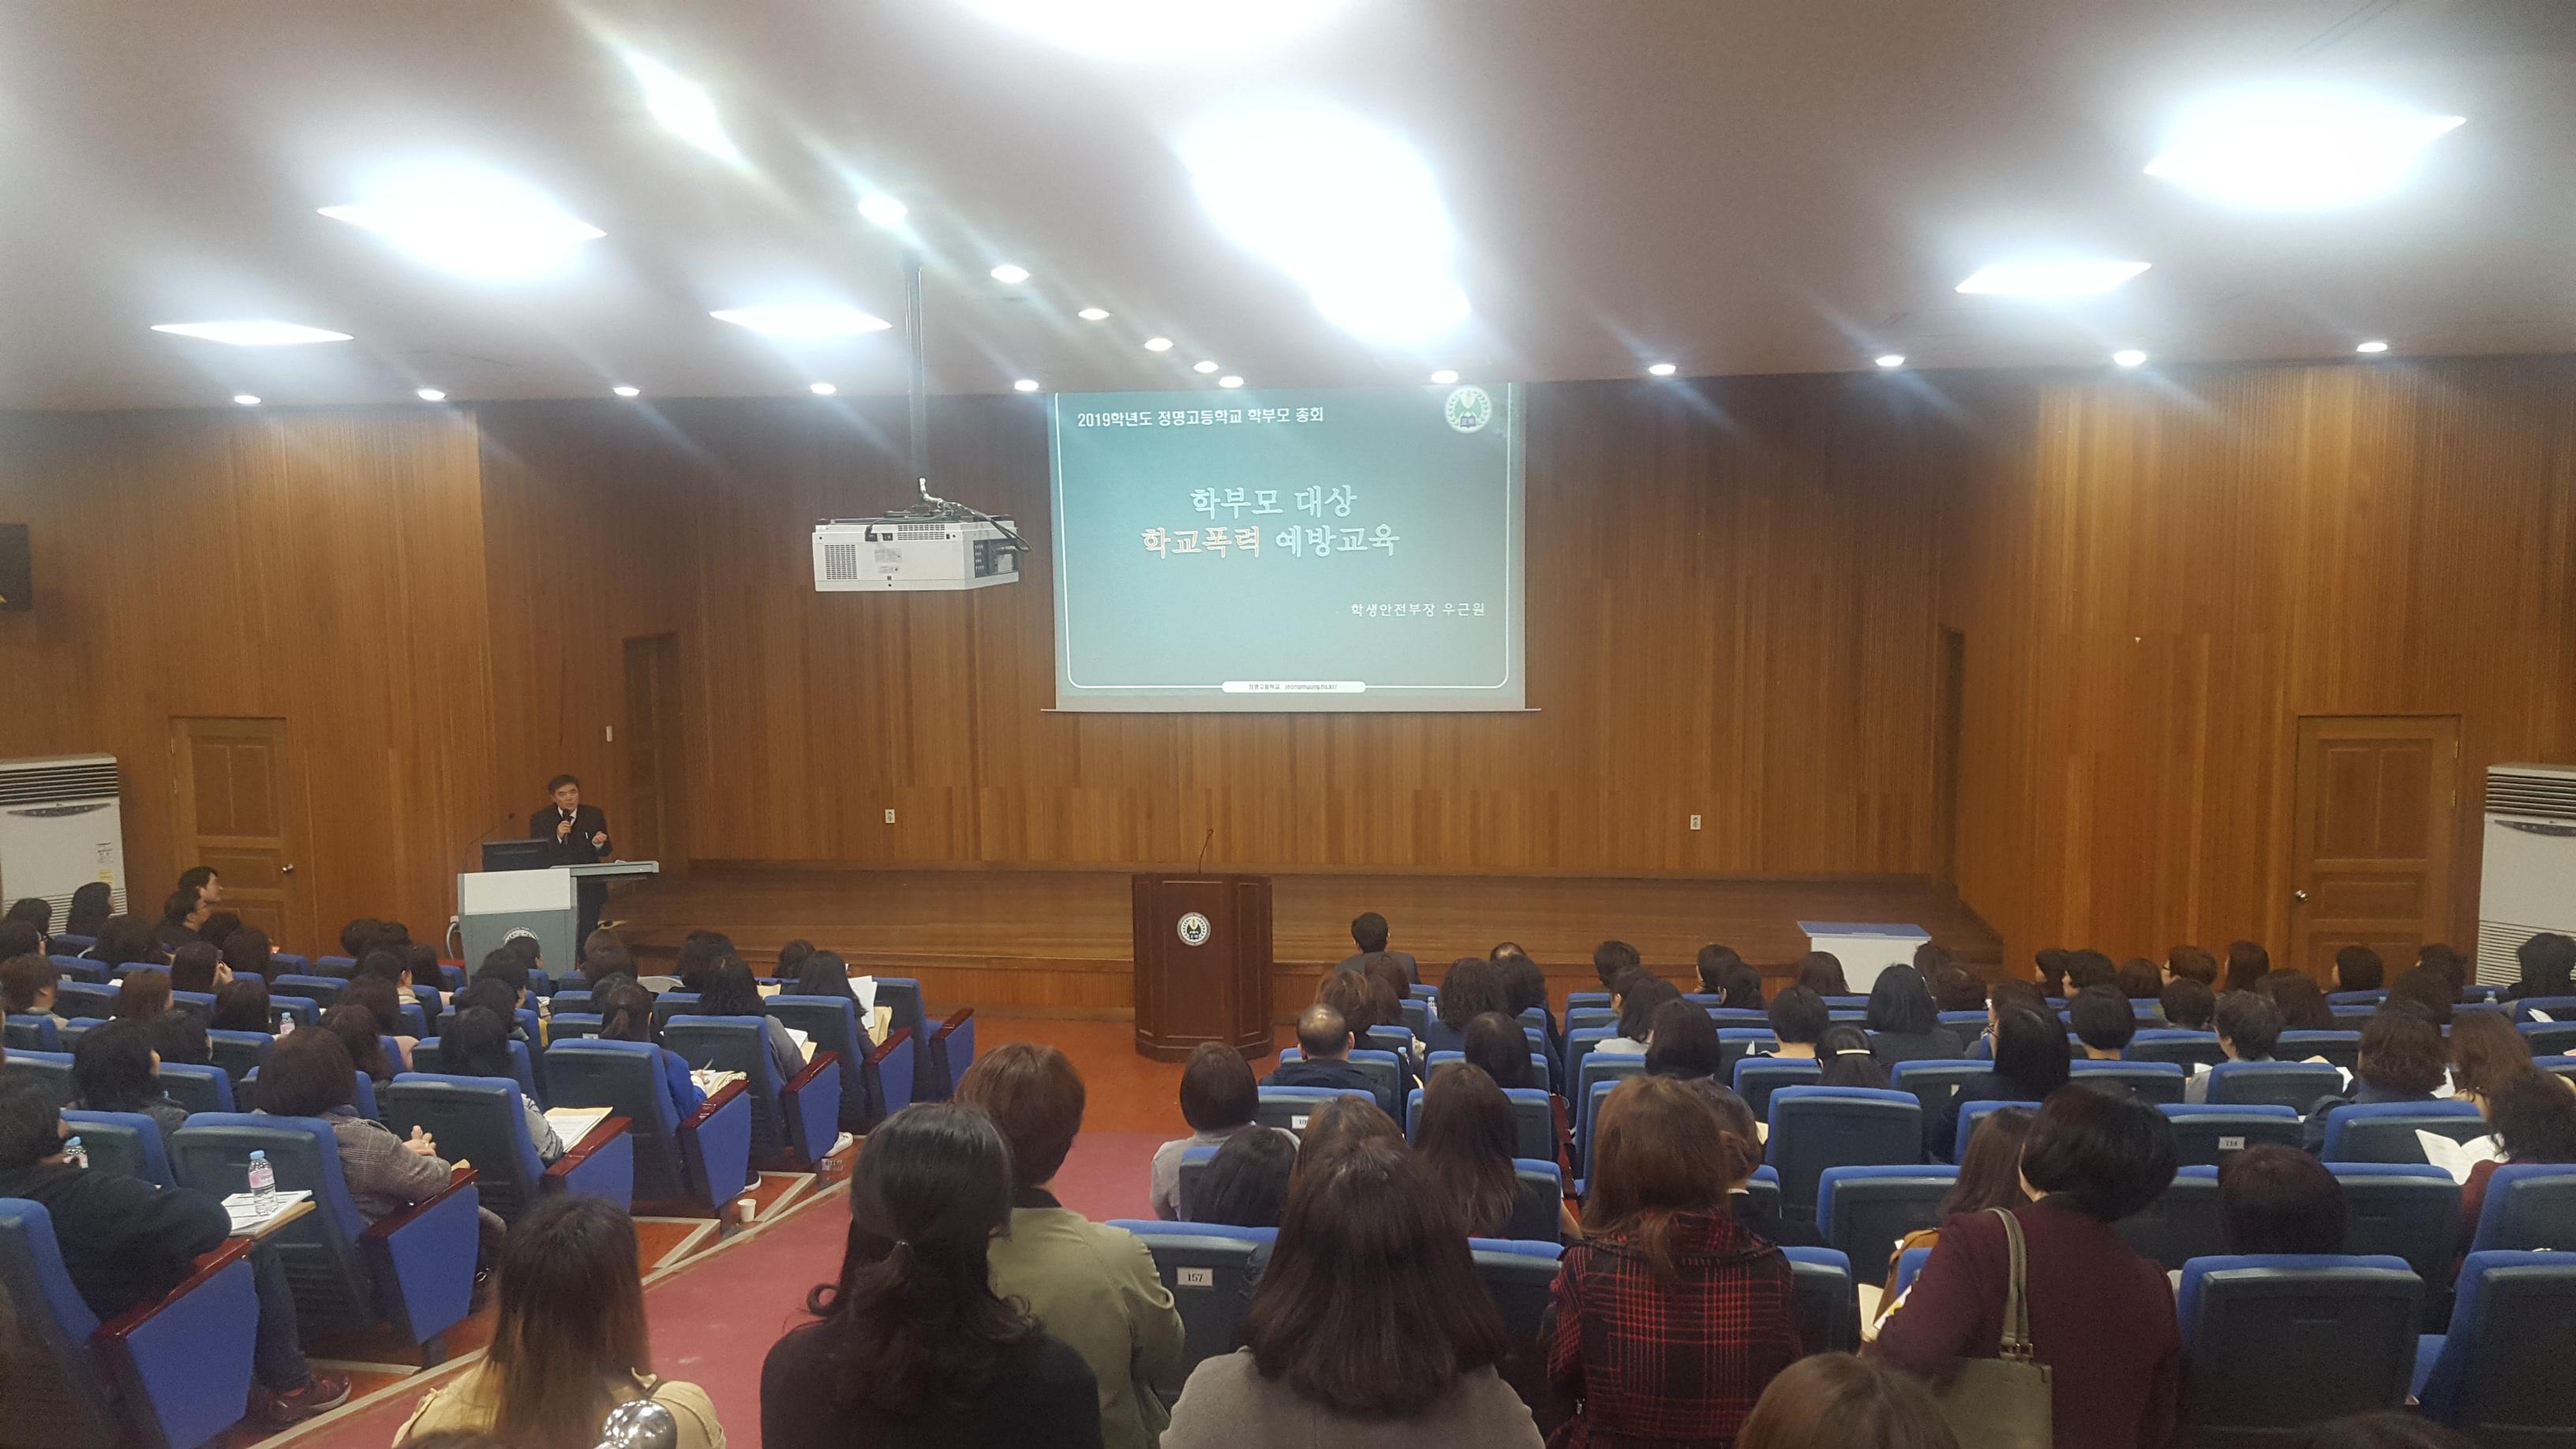 2019학년도1학기 학부모 총회 학교폭력예방 교육